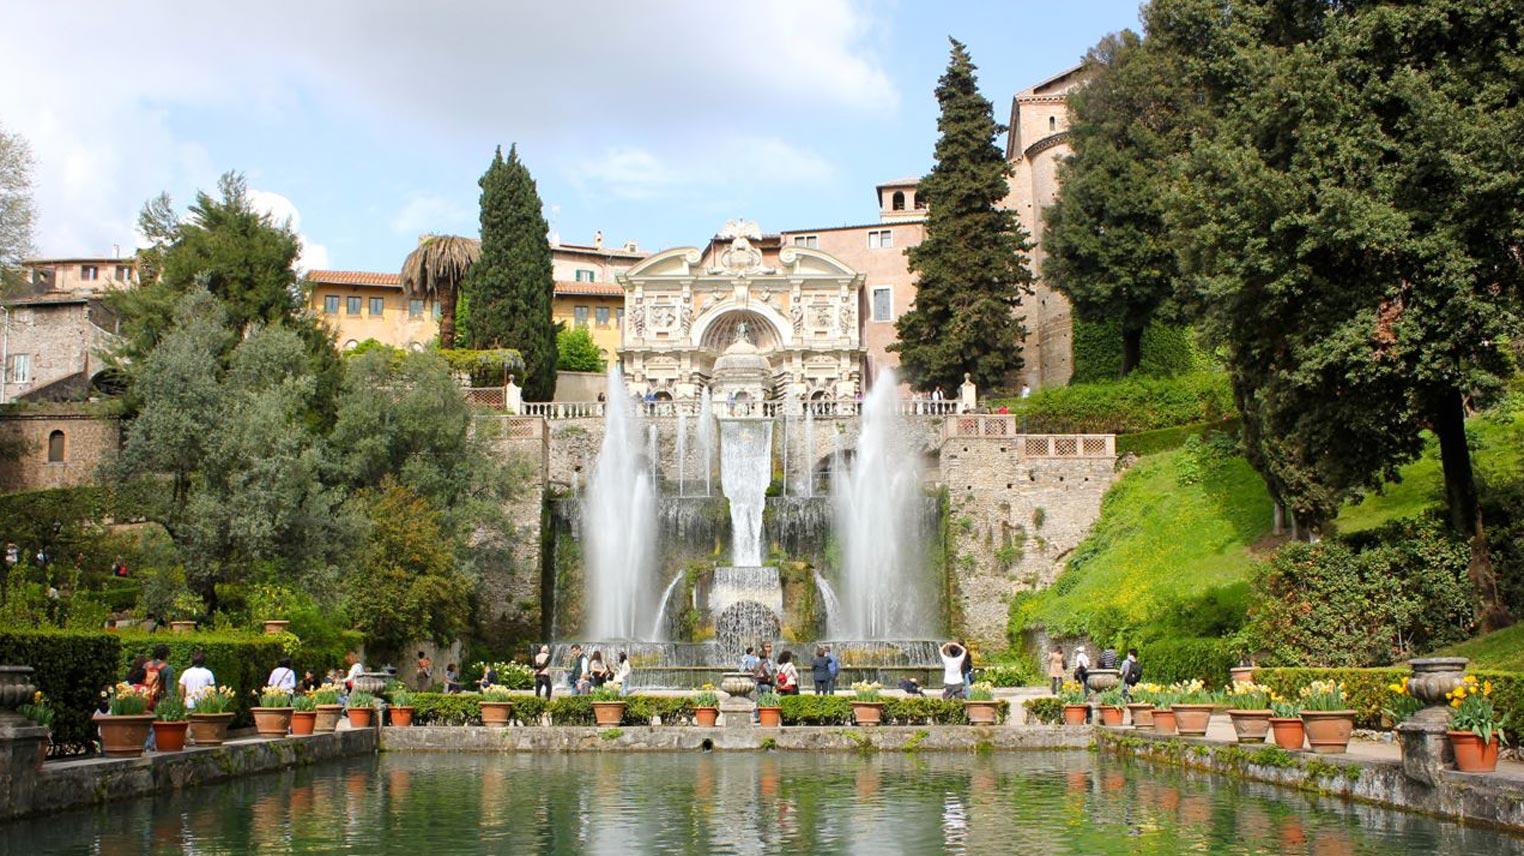 Awesome Villa D Este Prezzi Gallery - dairiakymber.com ...